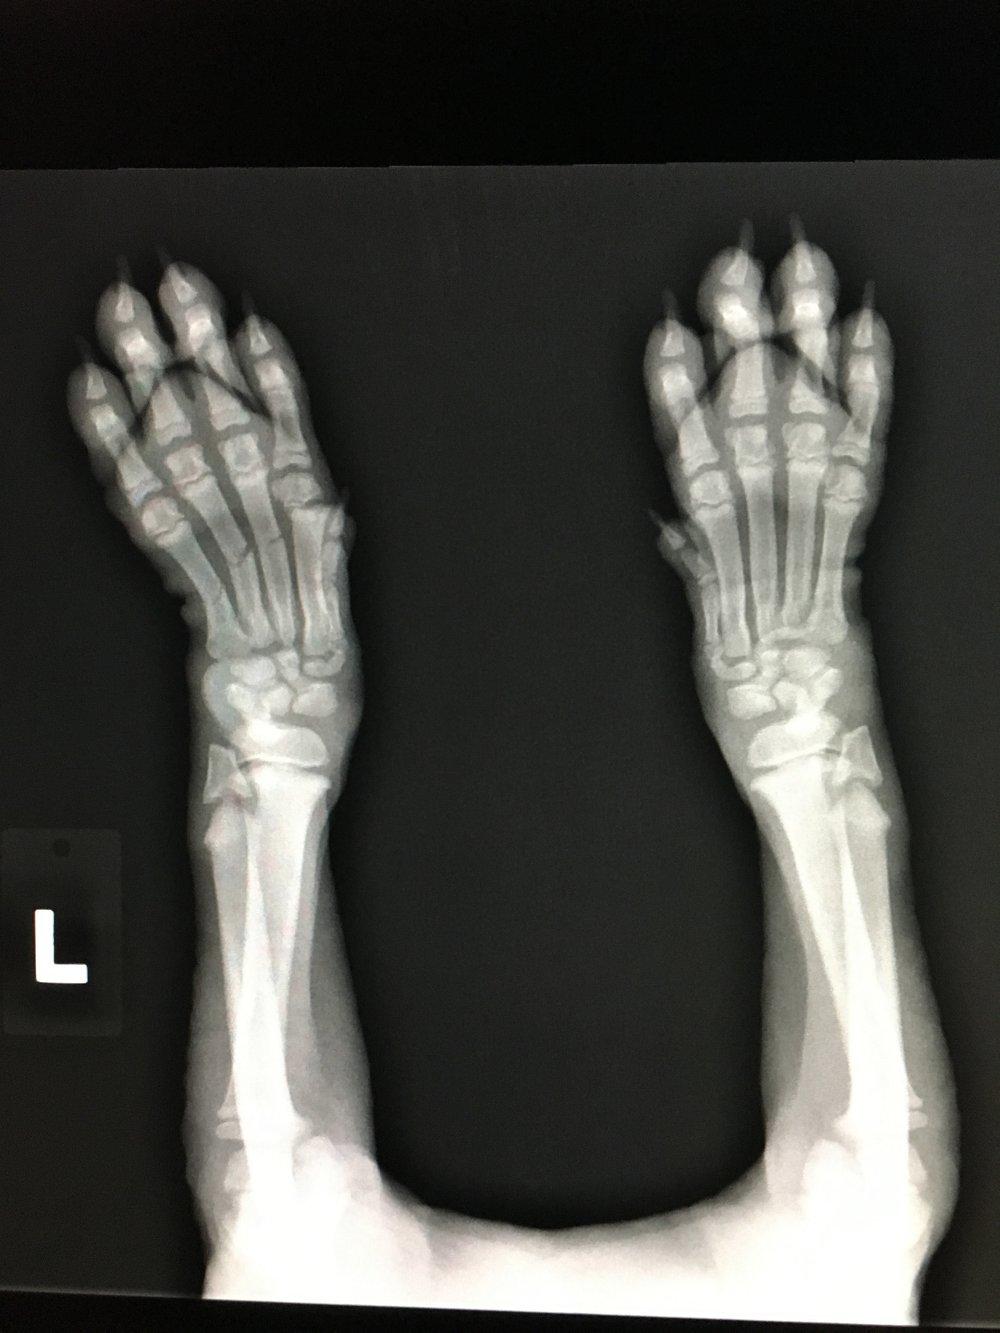 Ollie's x-ray